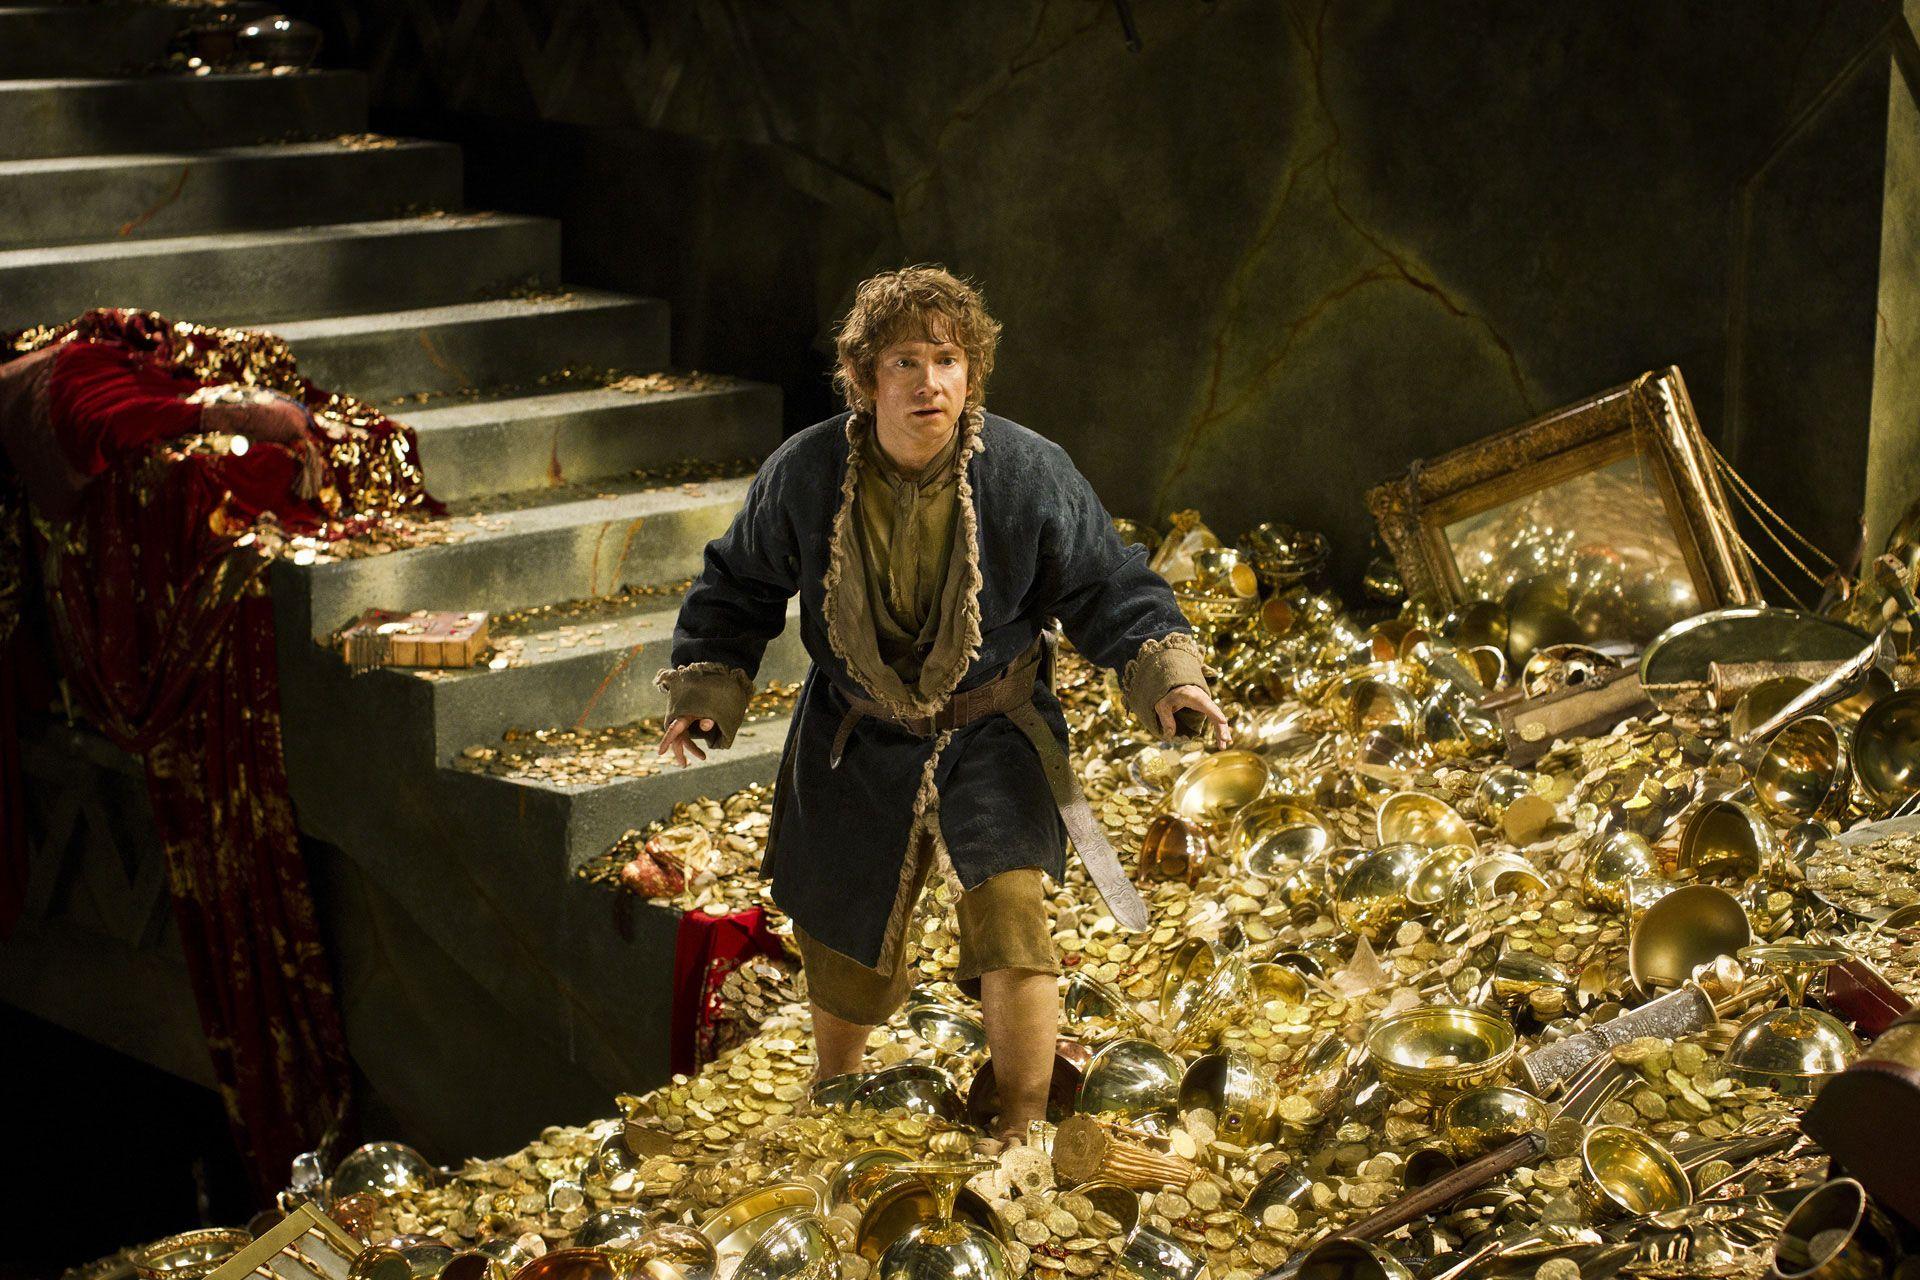 O Senhor dos Anéis da Amazon custou US$ 465 milhões apenas na primeira temporada